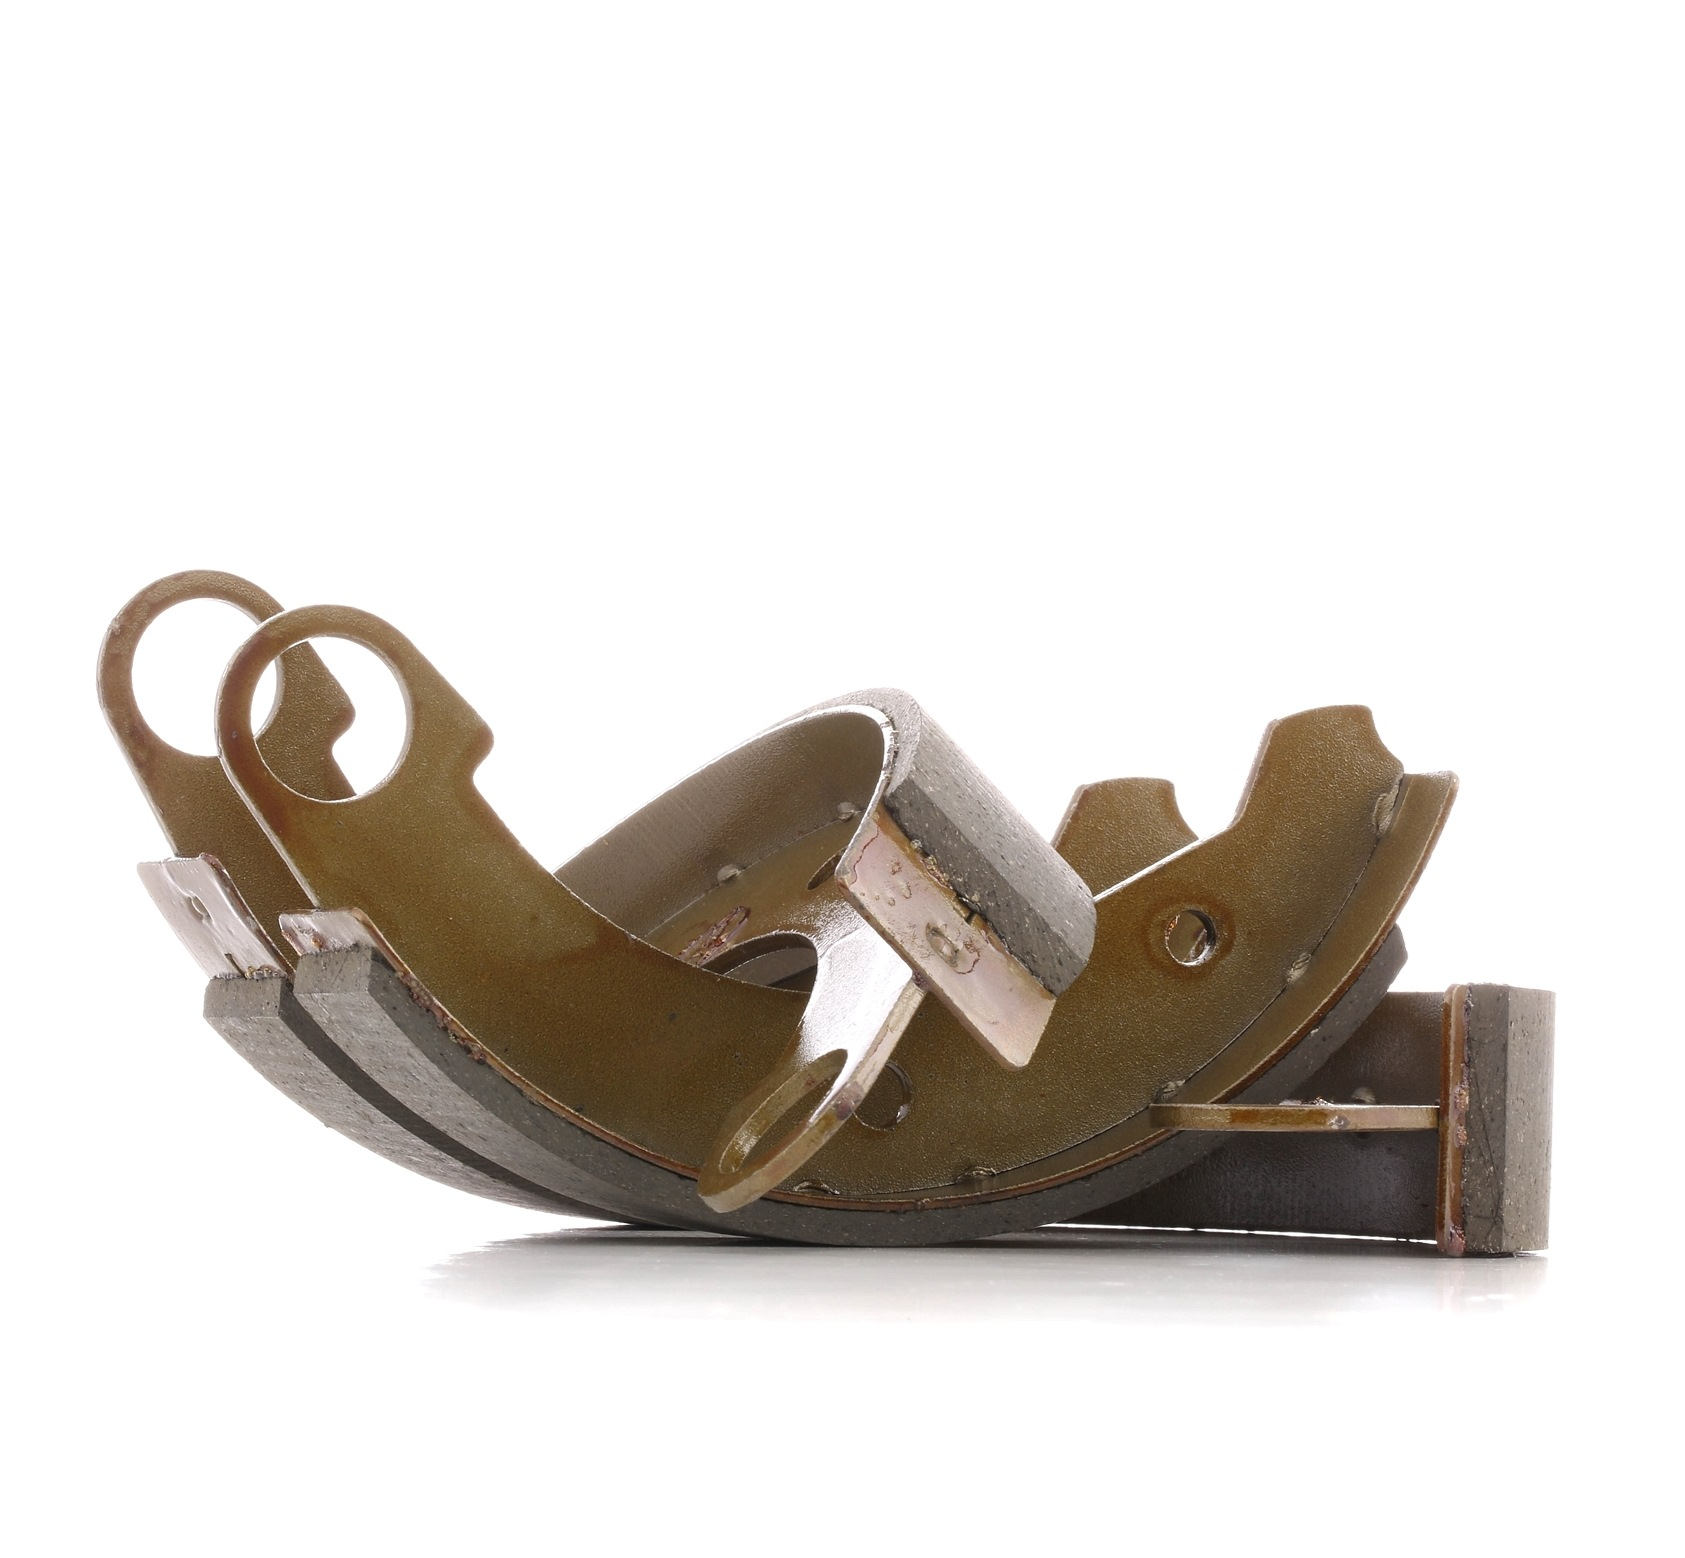 RIDEX: Original Bremsklötze für Trommelbremse 70B0209 (Breite: 34mm)